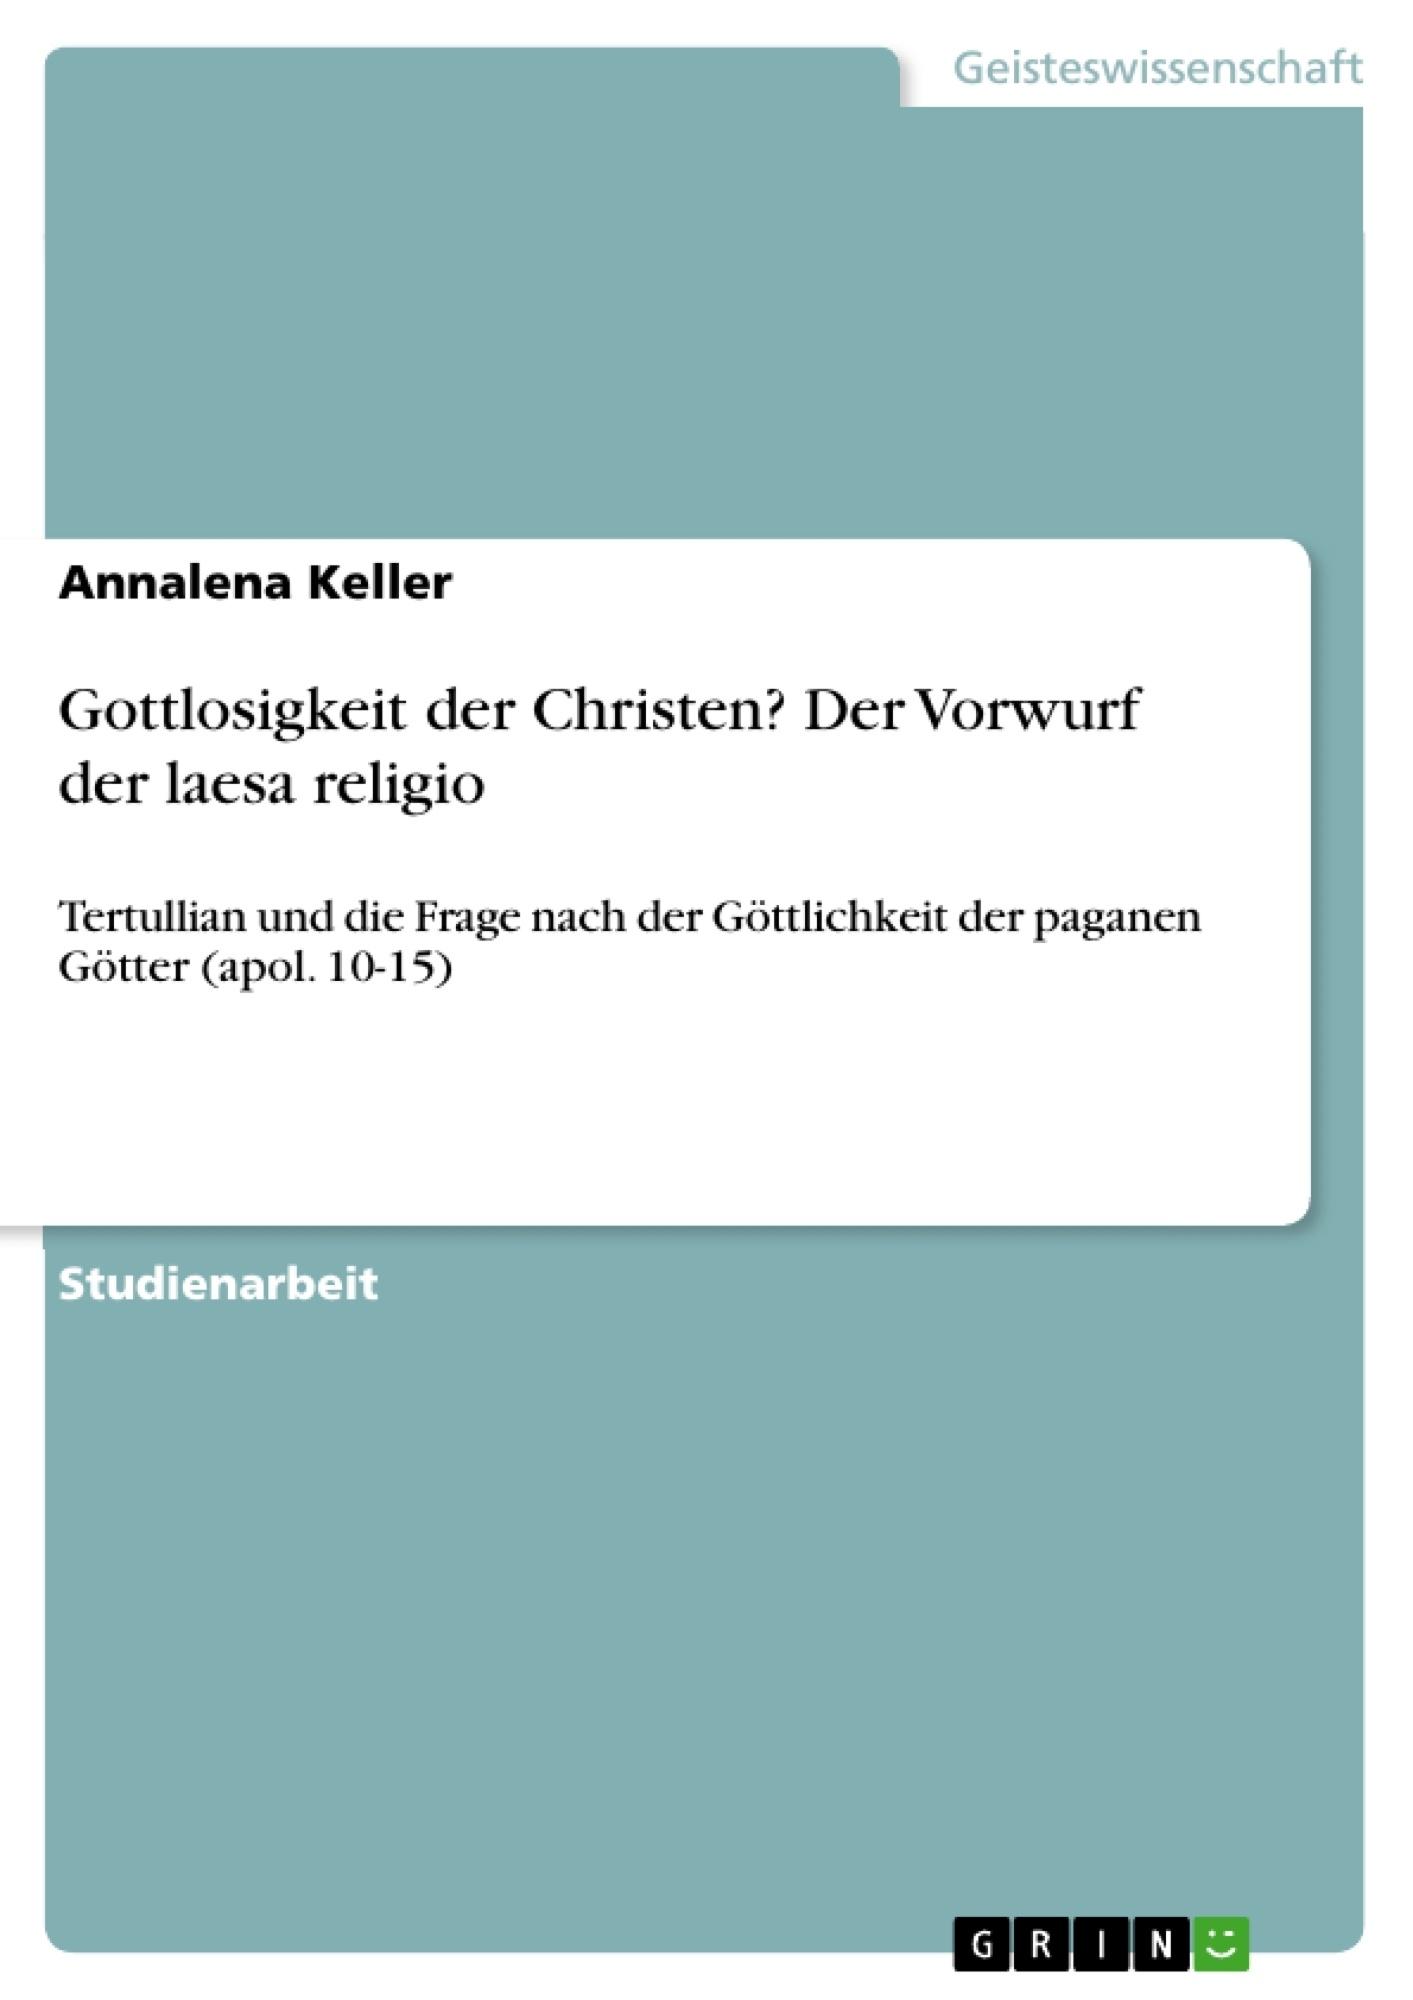 Titel: Gottlosigkeit der Christen? Der Vorwurf der laesa religio